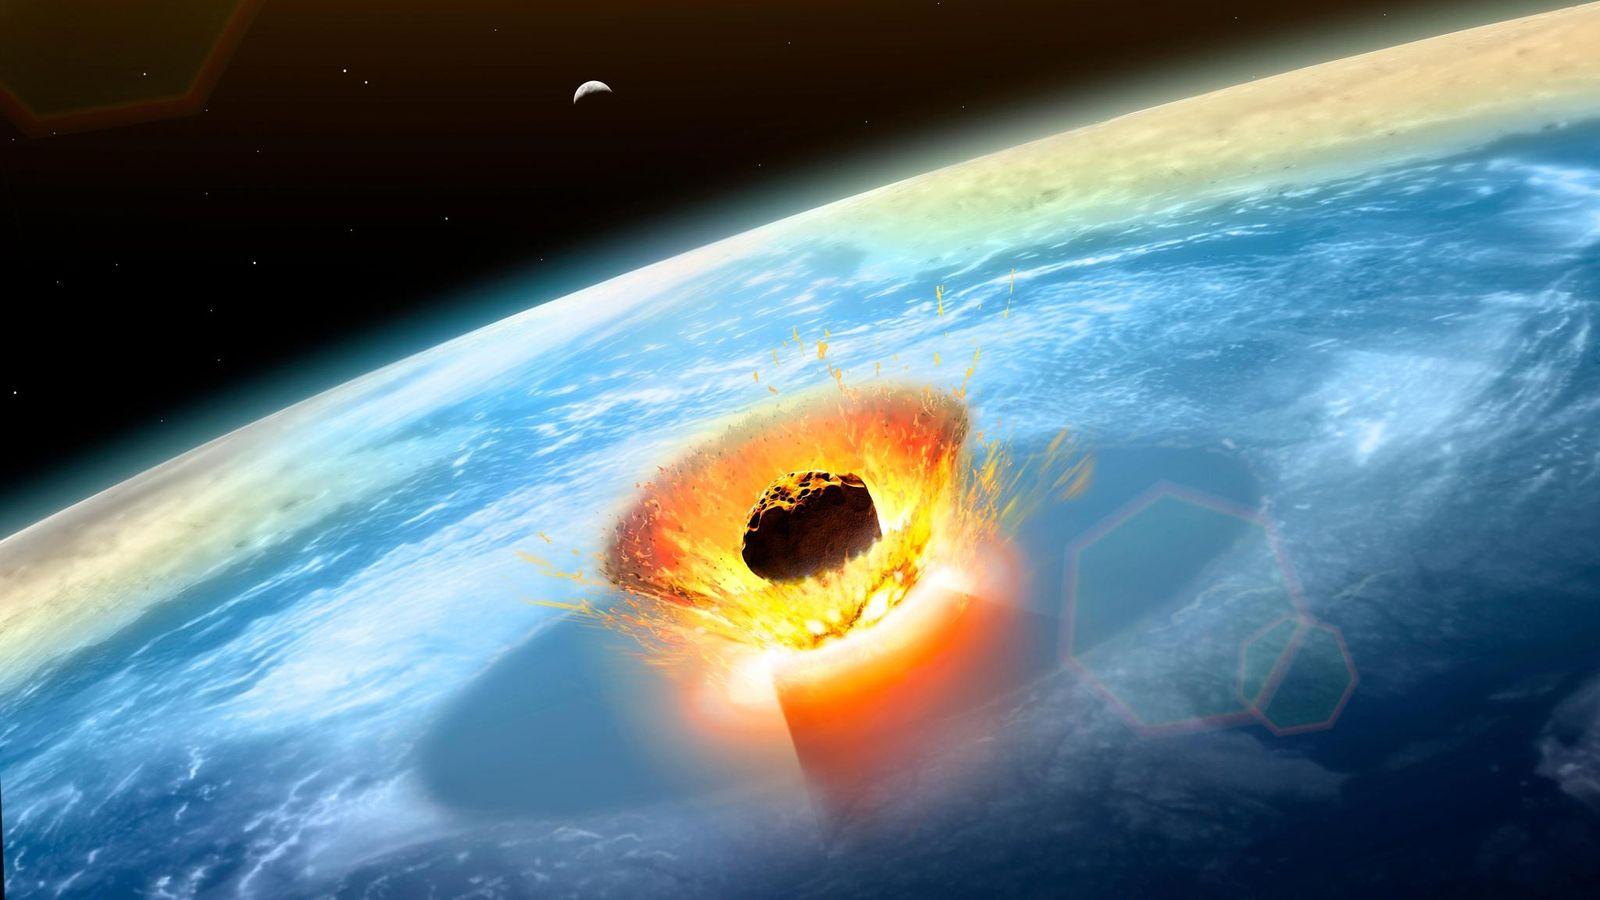 Em um instante, o impacto de Chicxulub mudou para sempre a vida na Terra - criando ...